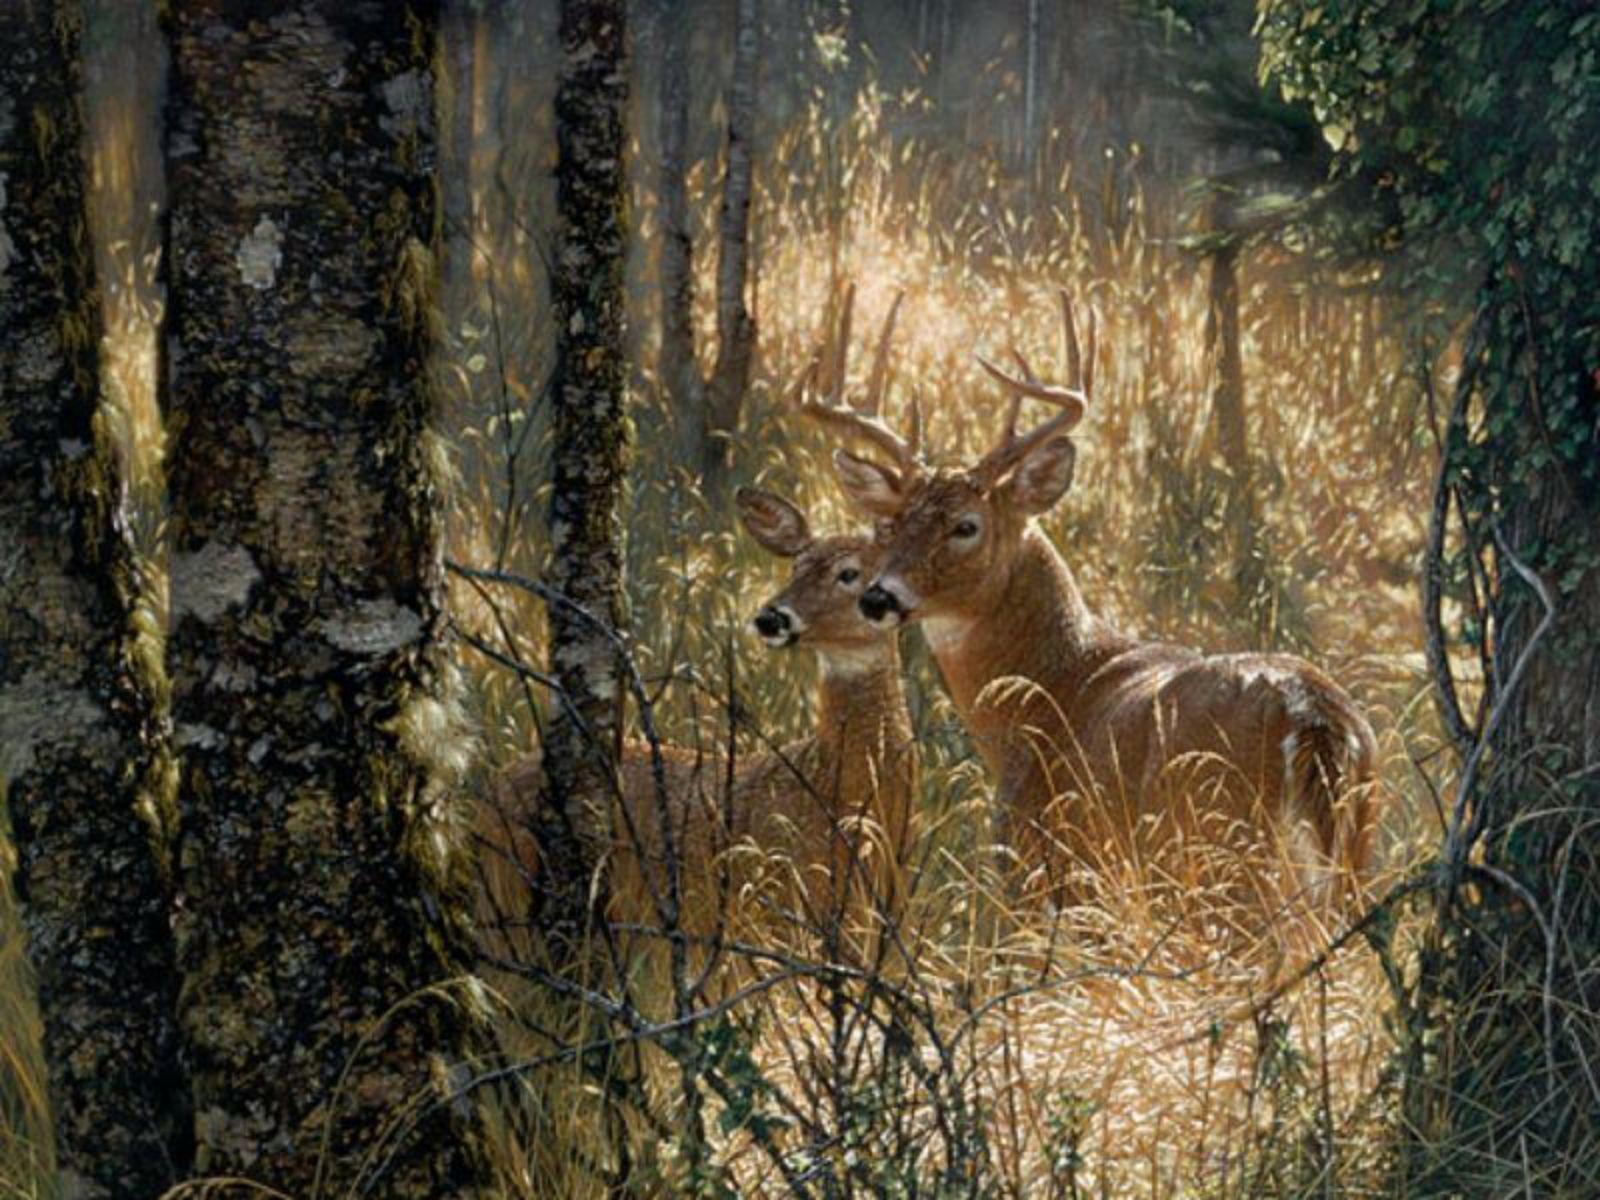 deer wallpaper for my desktop - photo #11